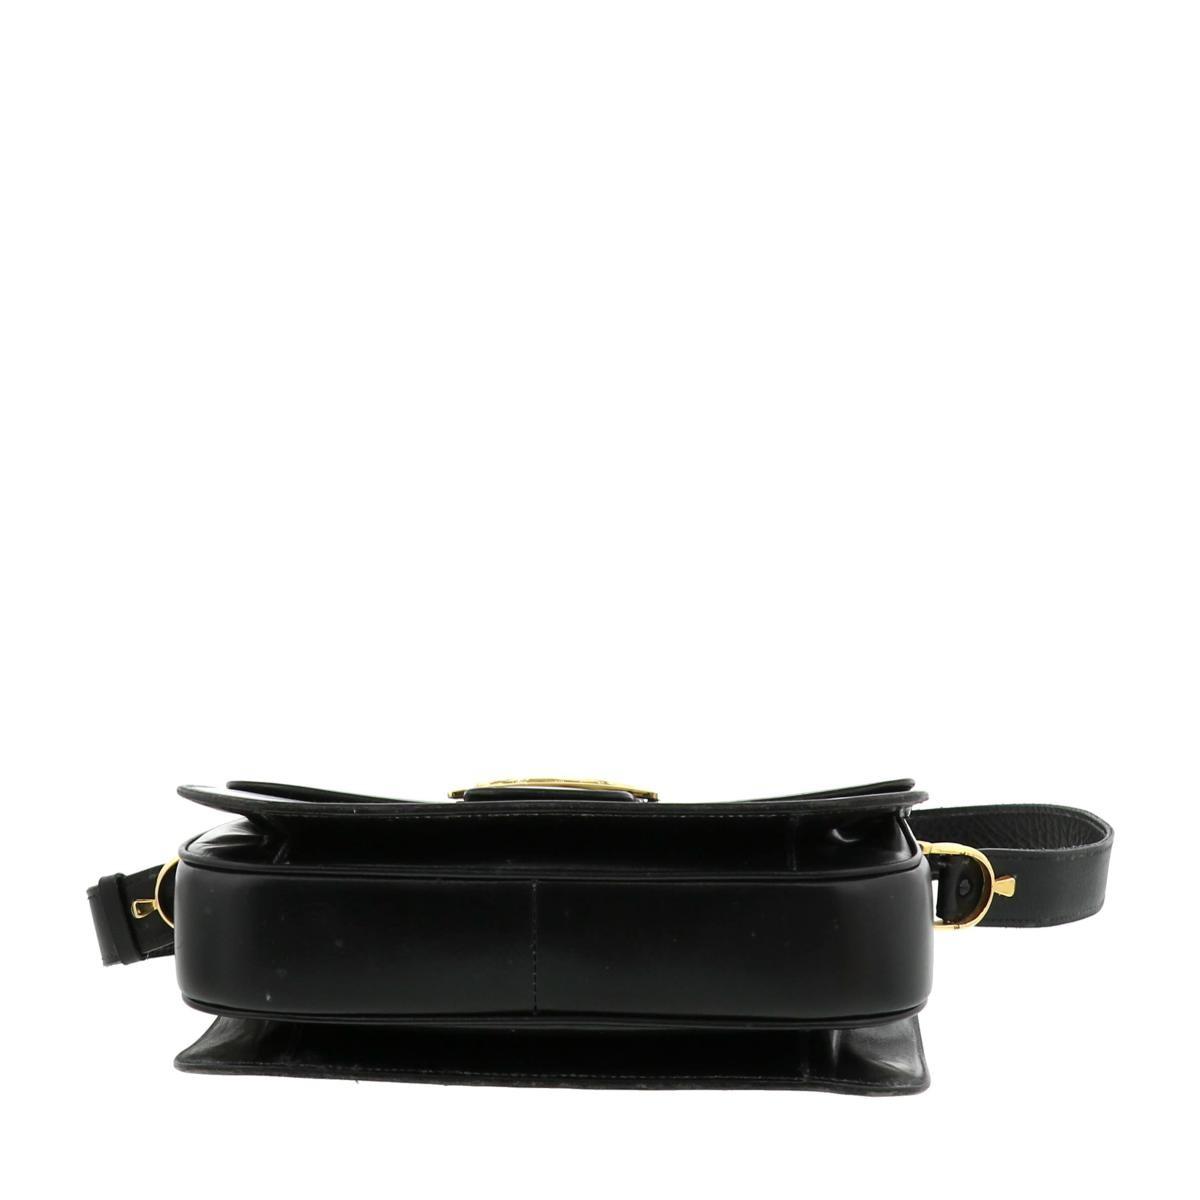 【中古】 CELINE (セリーヌ) 馬車金具 ショルダーバッグ サイドボタン取れ バッグ ショルダー/メッセンジャーバッグ ショルダーバッグ ブラック